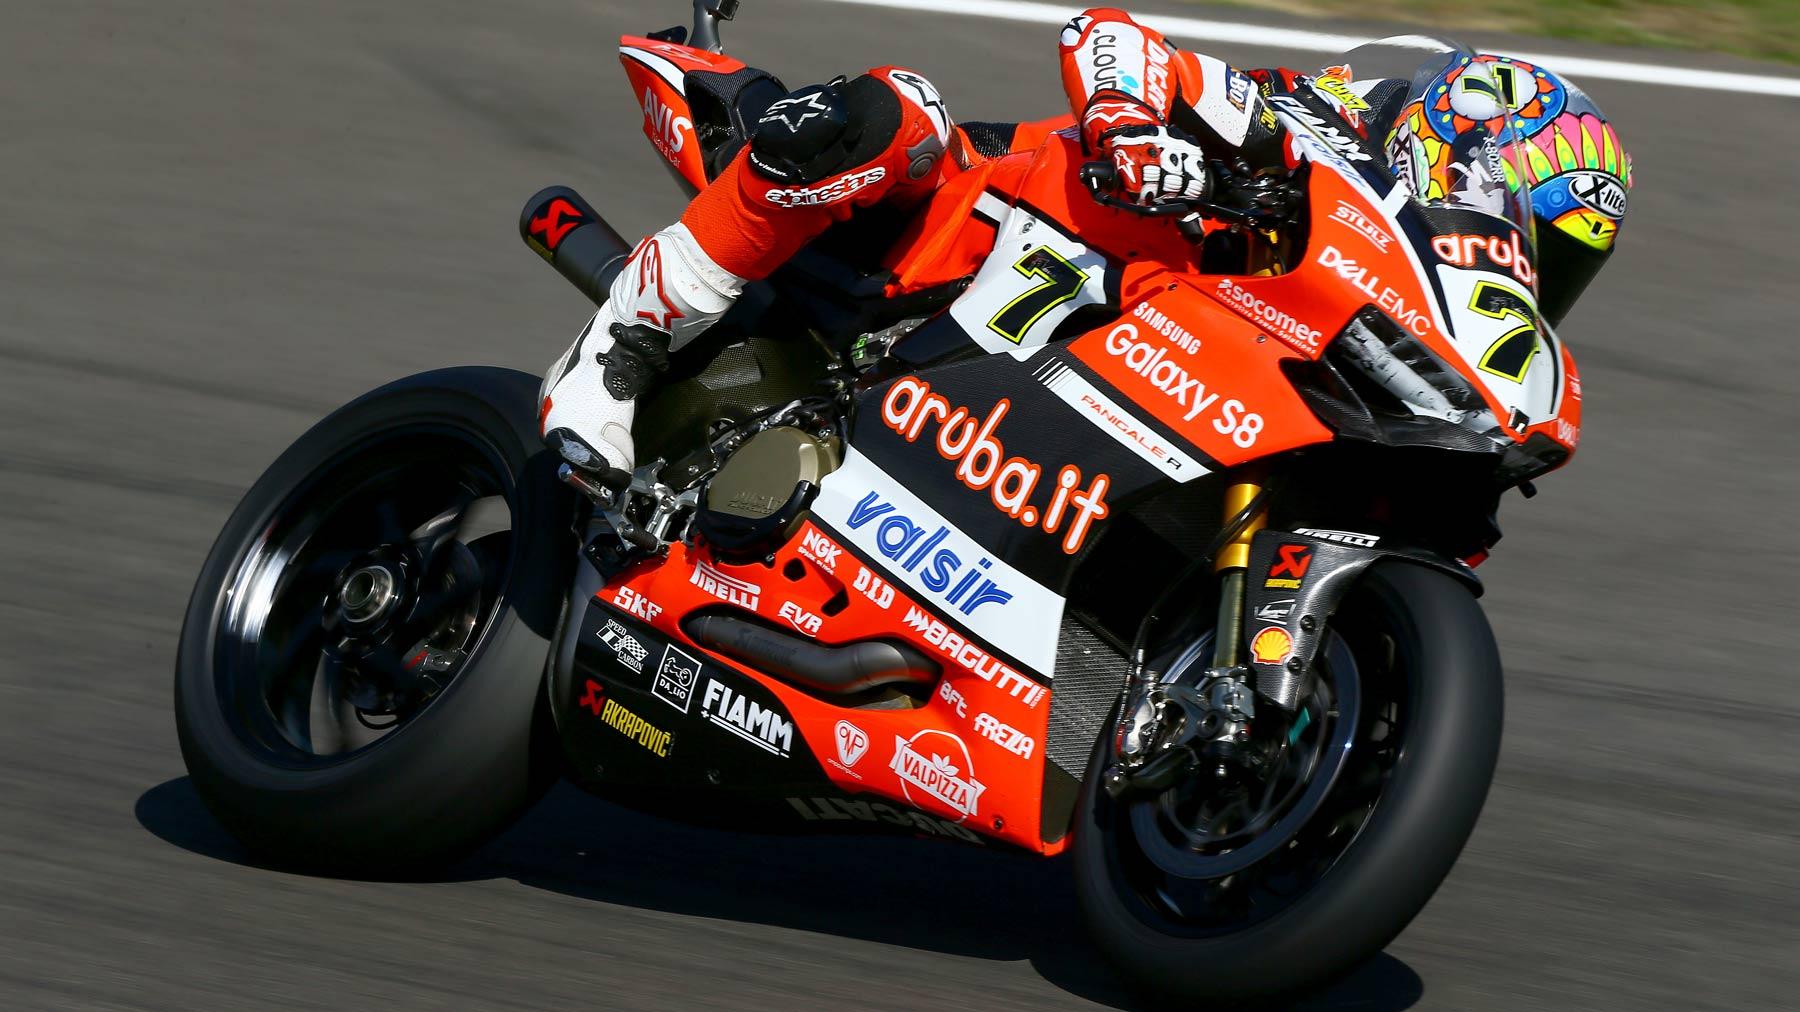 Chaz Davies arrasa en Imola en una carrera acortada por bandera roja